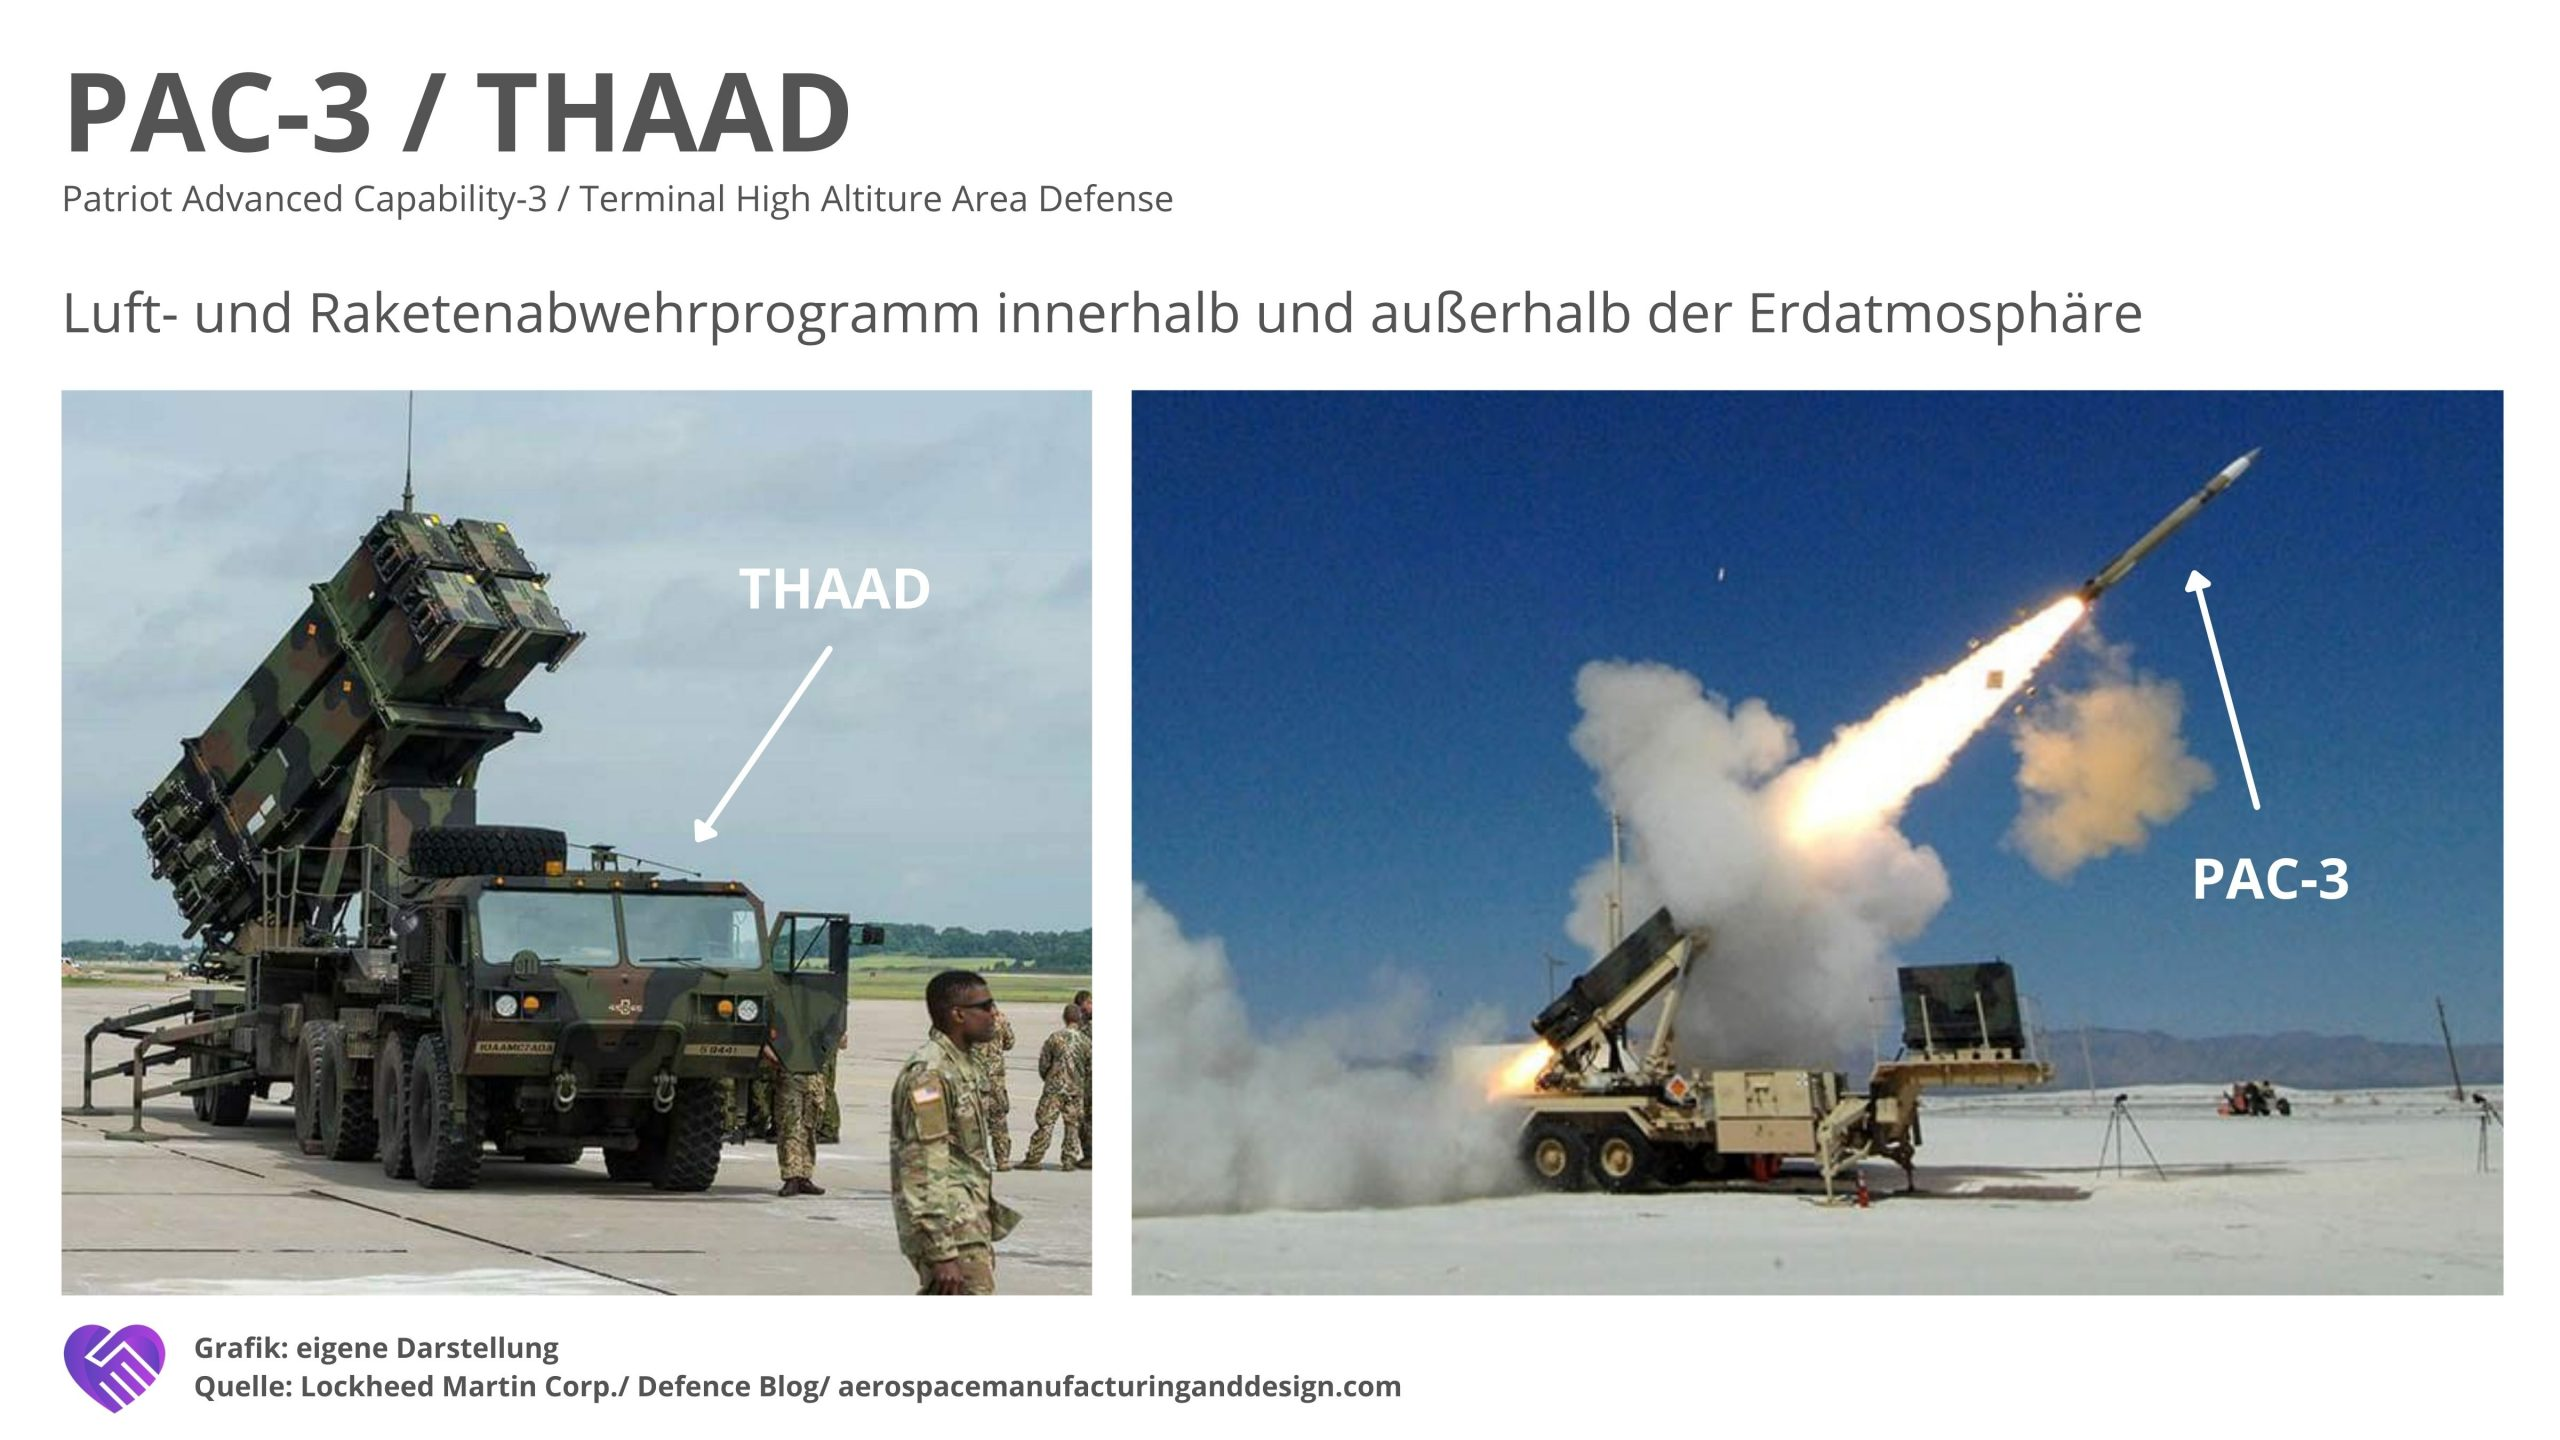 Lockheed Martin Aktie Analyse Geschäftsmodell PAC 3 THAAD